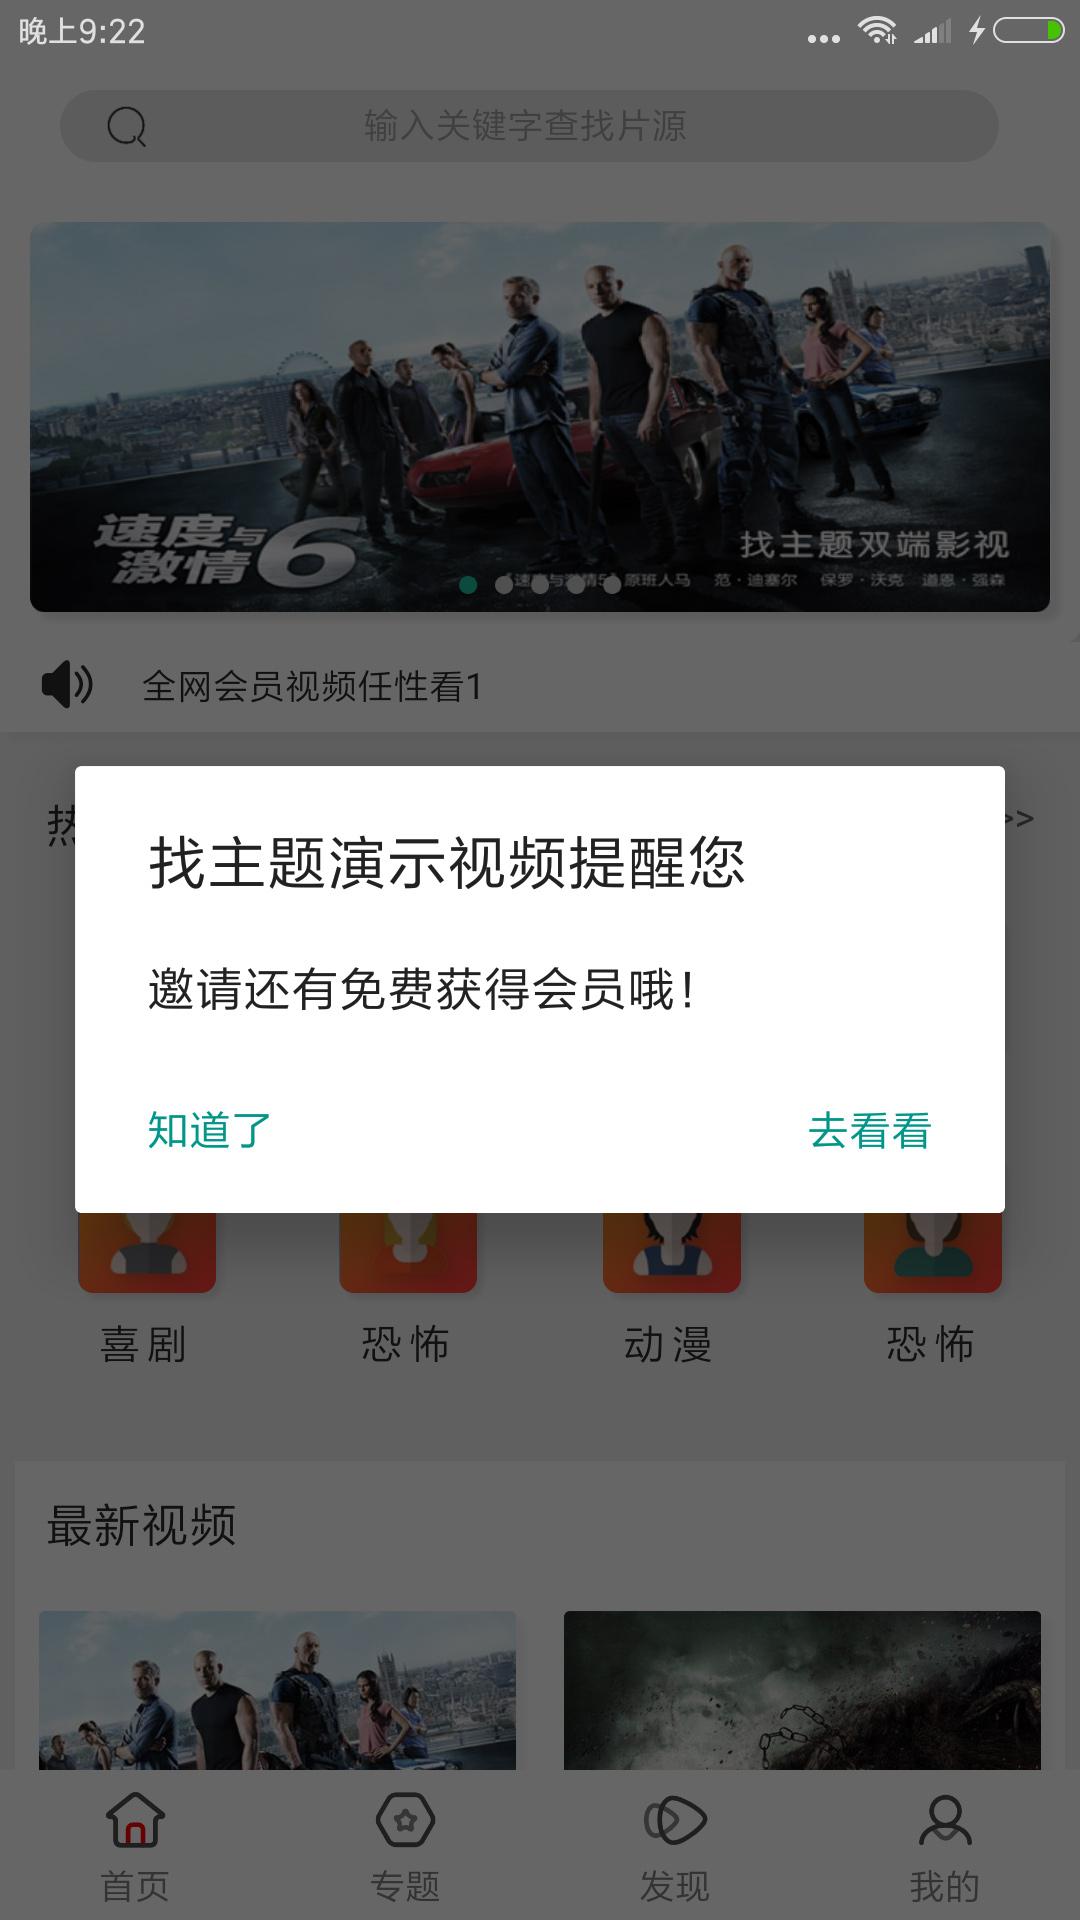 【APICLOUD双端视频源码】找主题全新UI优化版短视频影视类安卓苹果APP应用源码[仿番茄香蕉黄瓜视频]-找主题源码